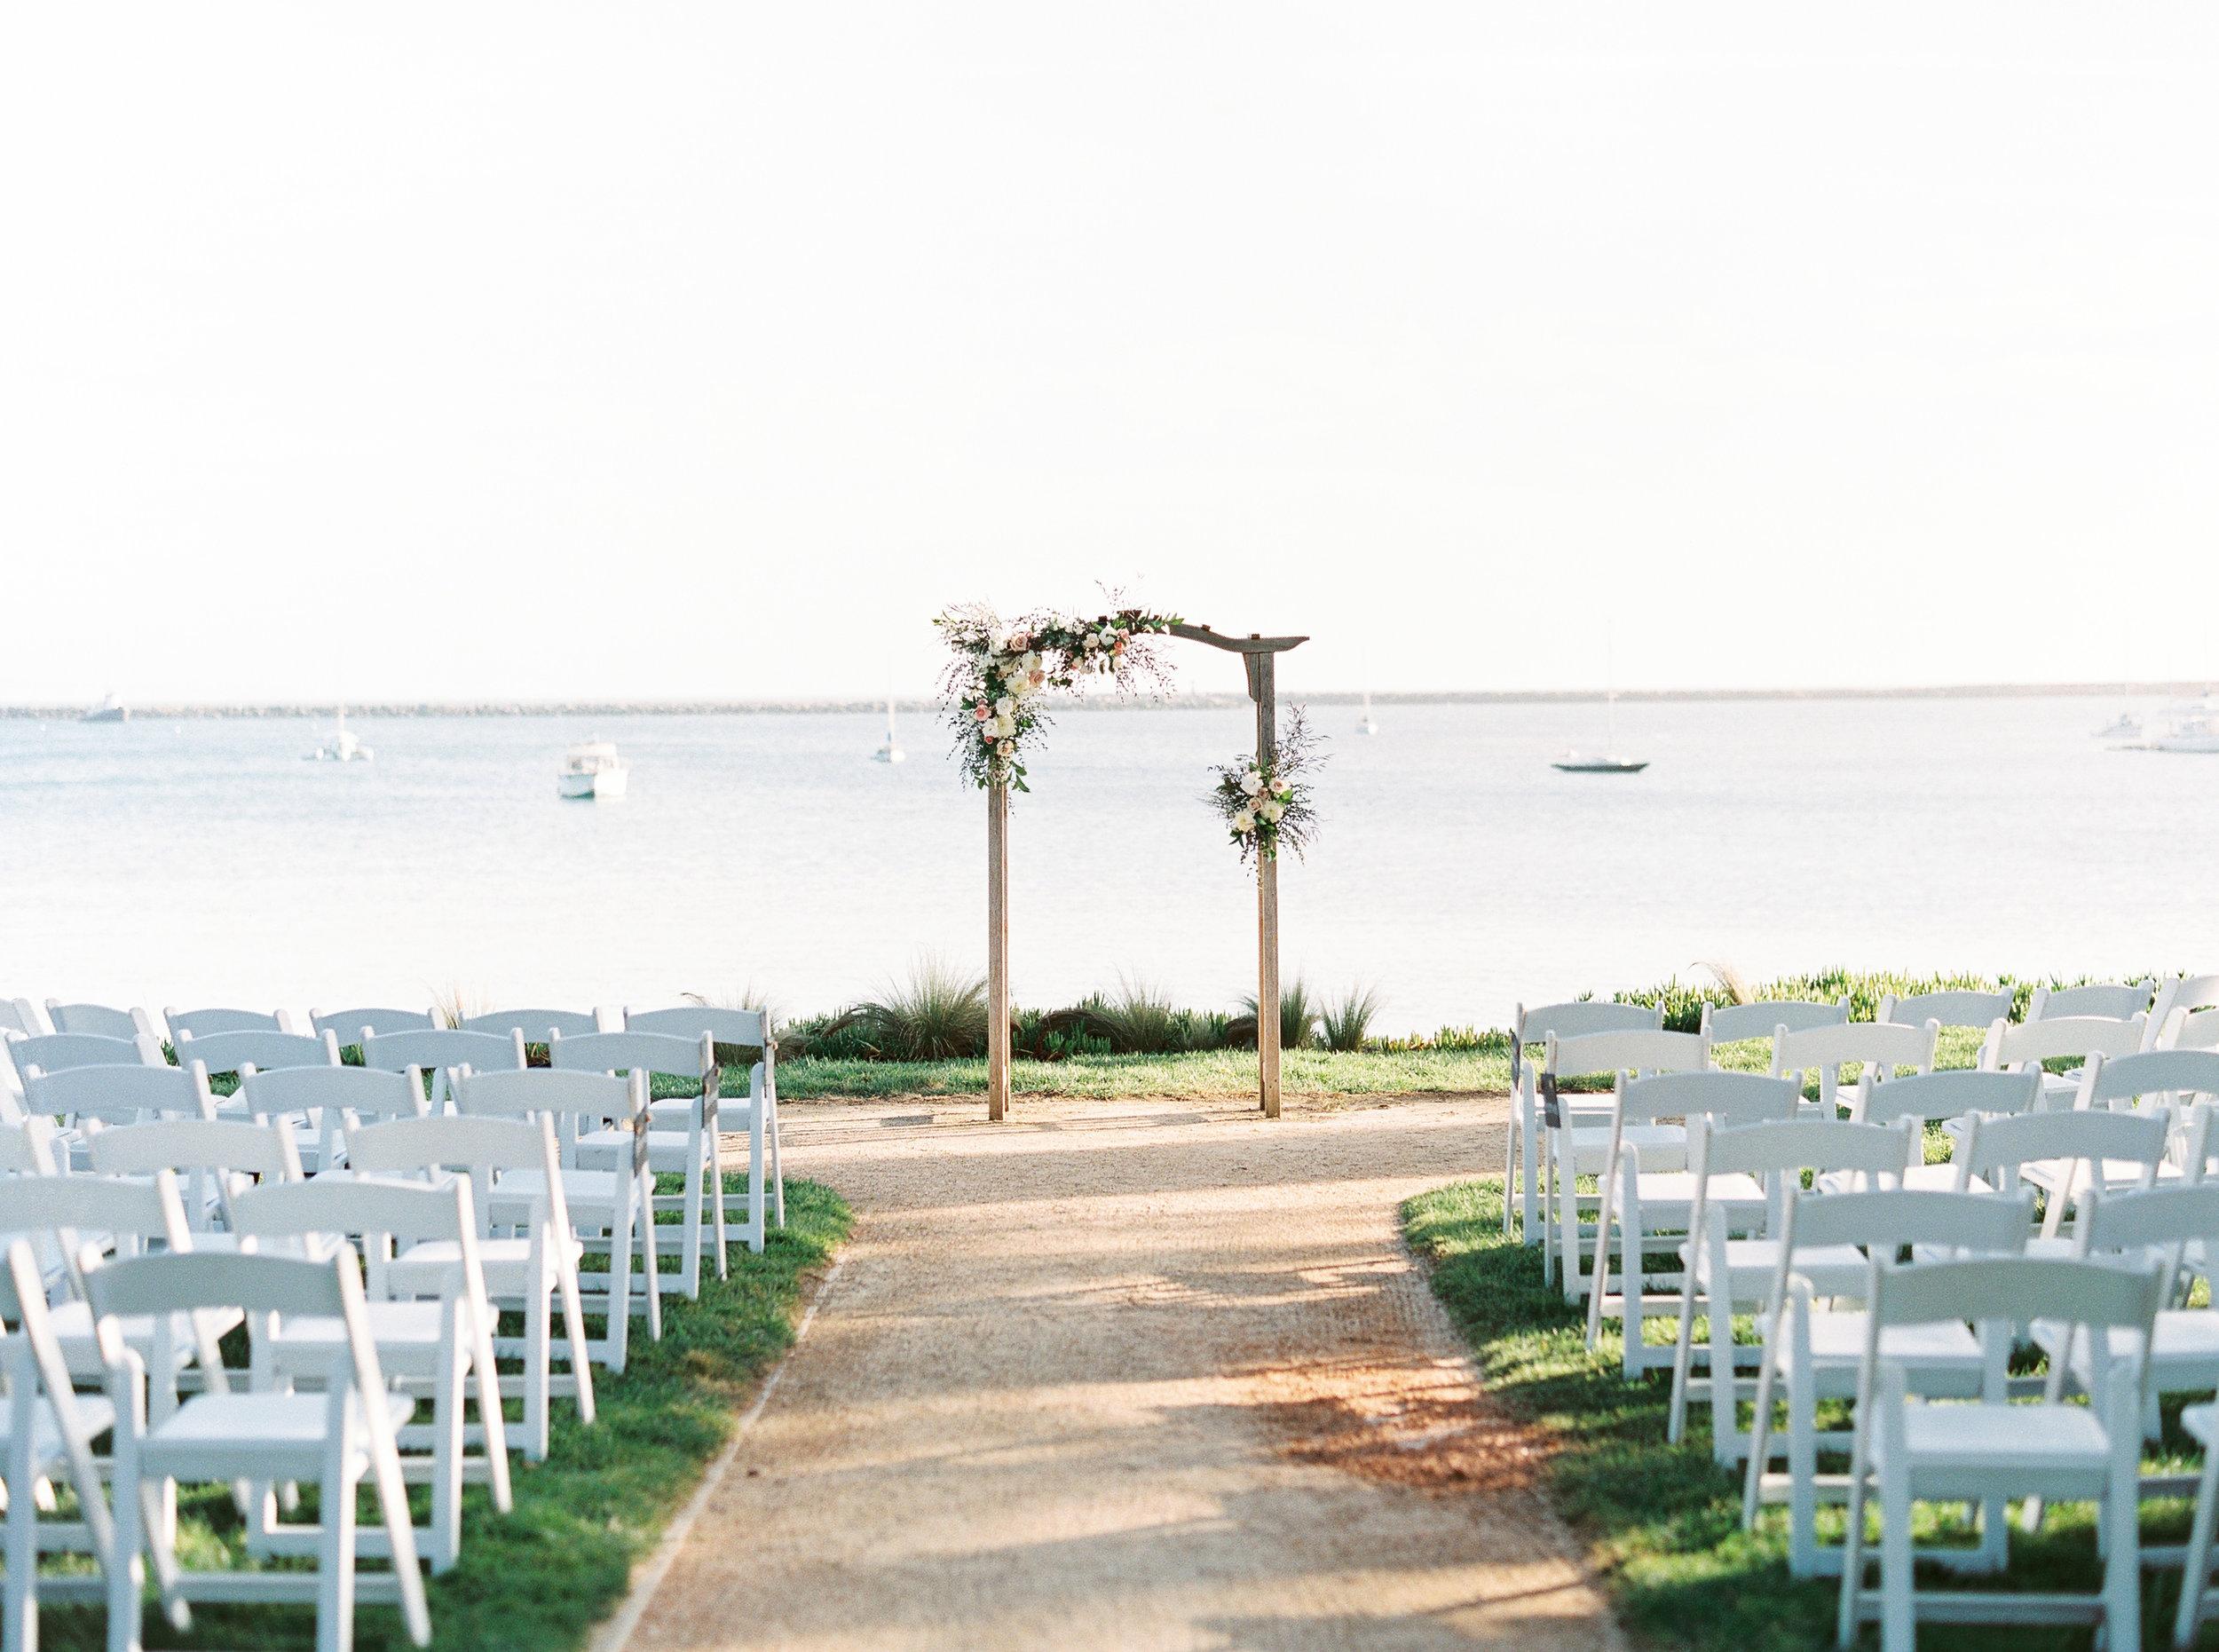 Mavericks-event-center-wedding-in-half-moon-bay-california526.jpg